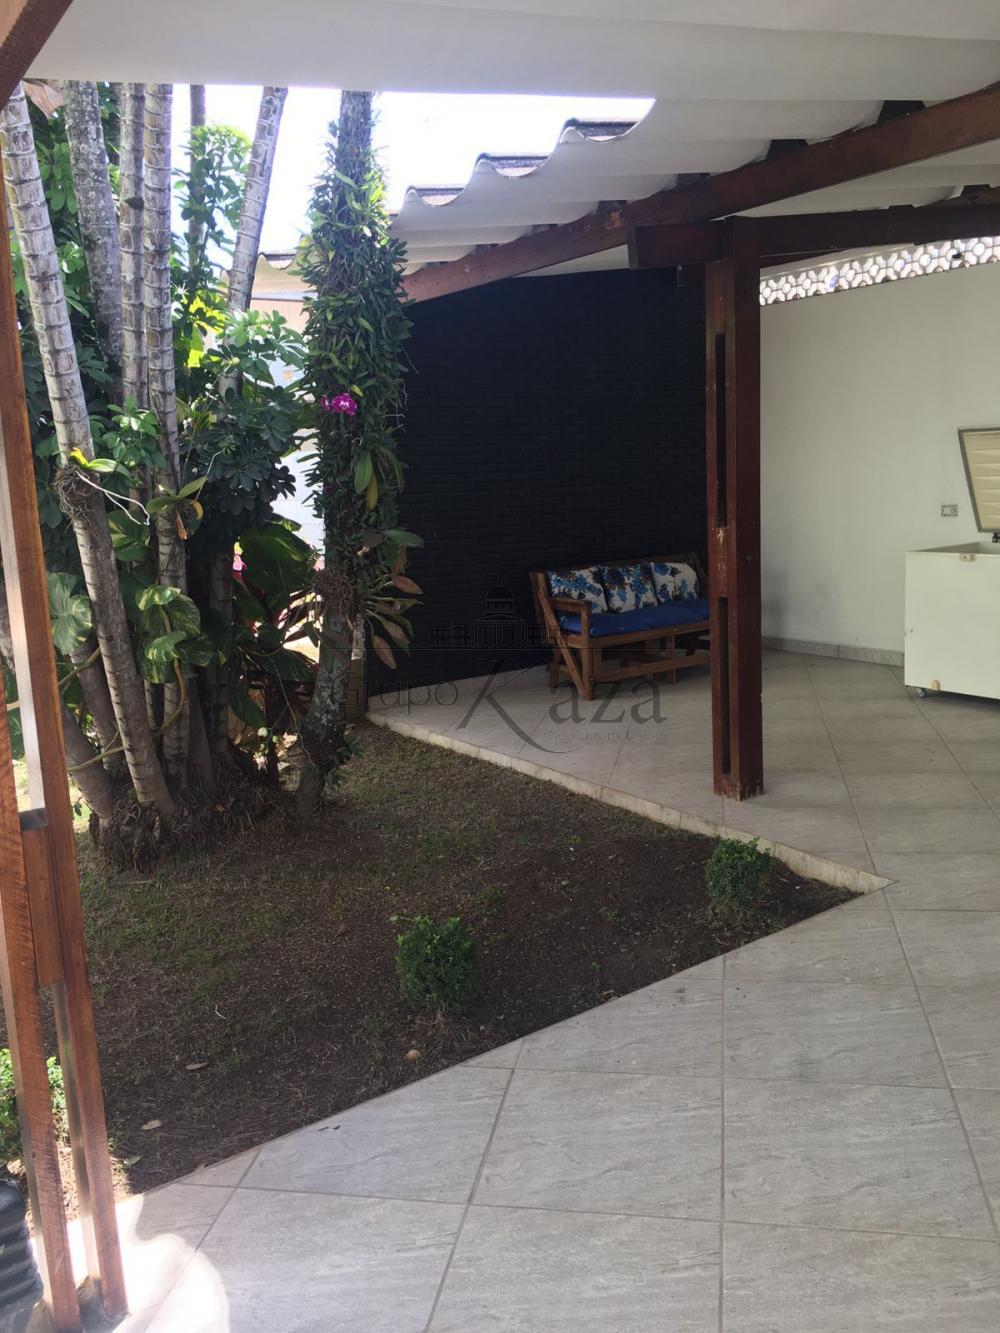 alt='Comprar Apartamento / Padrão em São José dos Campos R$ 300.000,00 - Foto 9' title='Comprar Apartamento / Padrão em São José dos Campos R$ 300.000,00 - Foto 9'